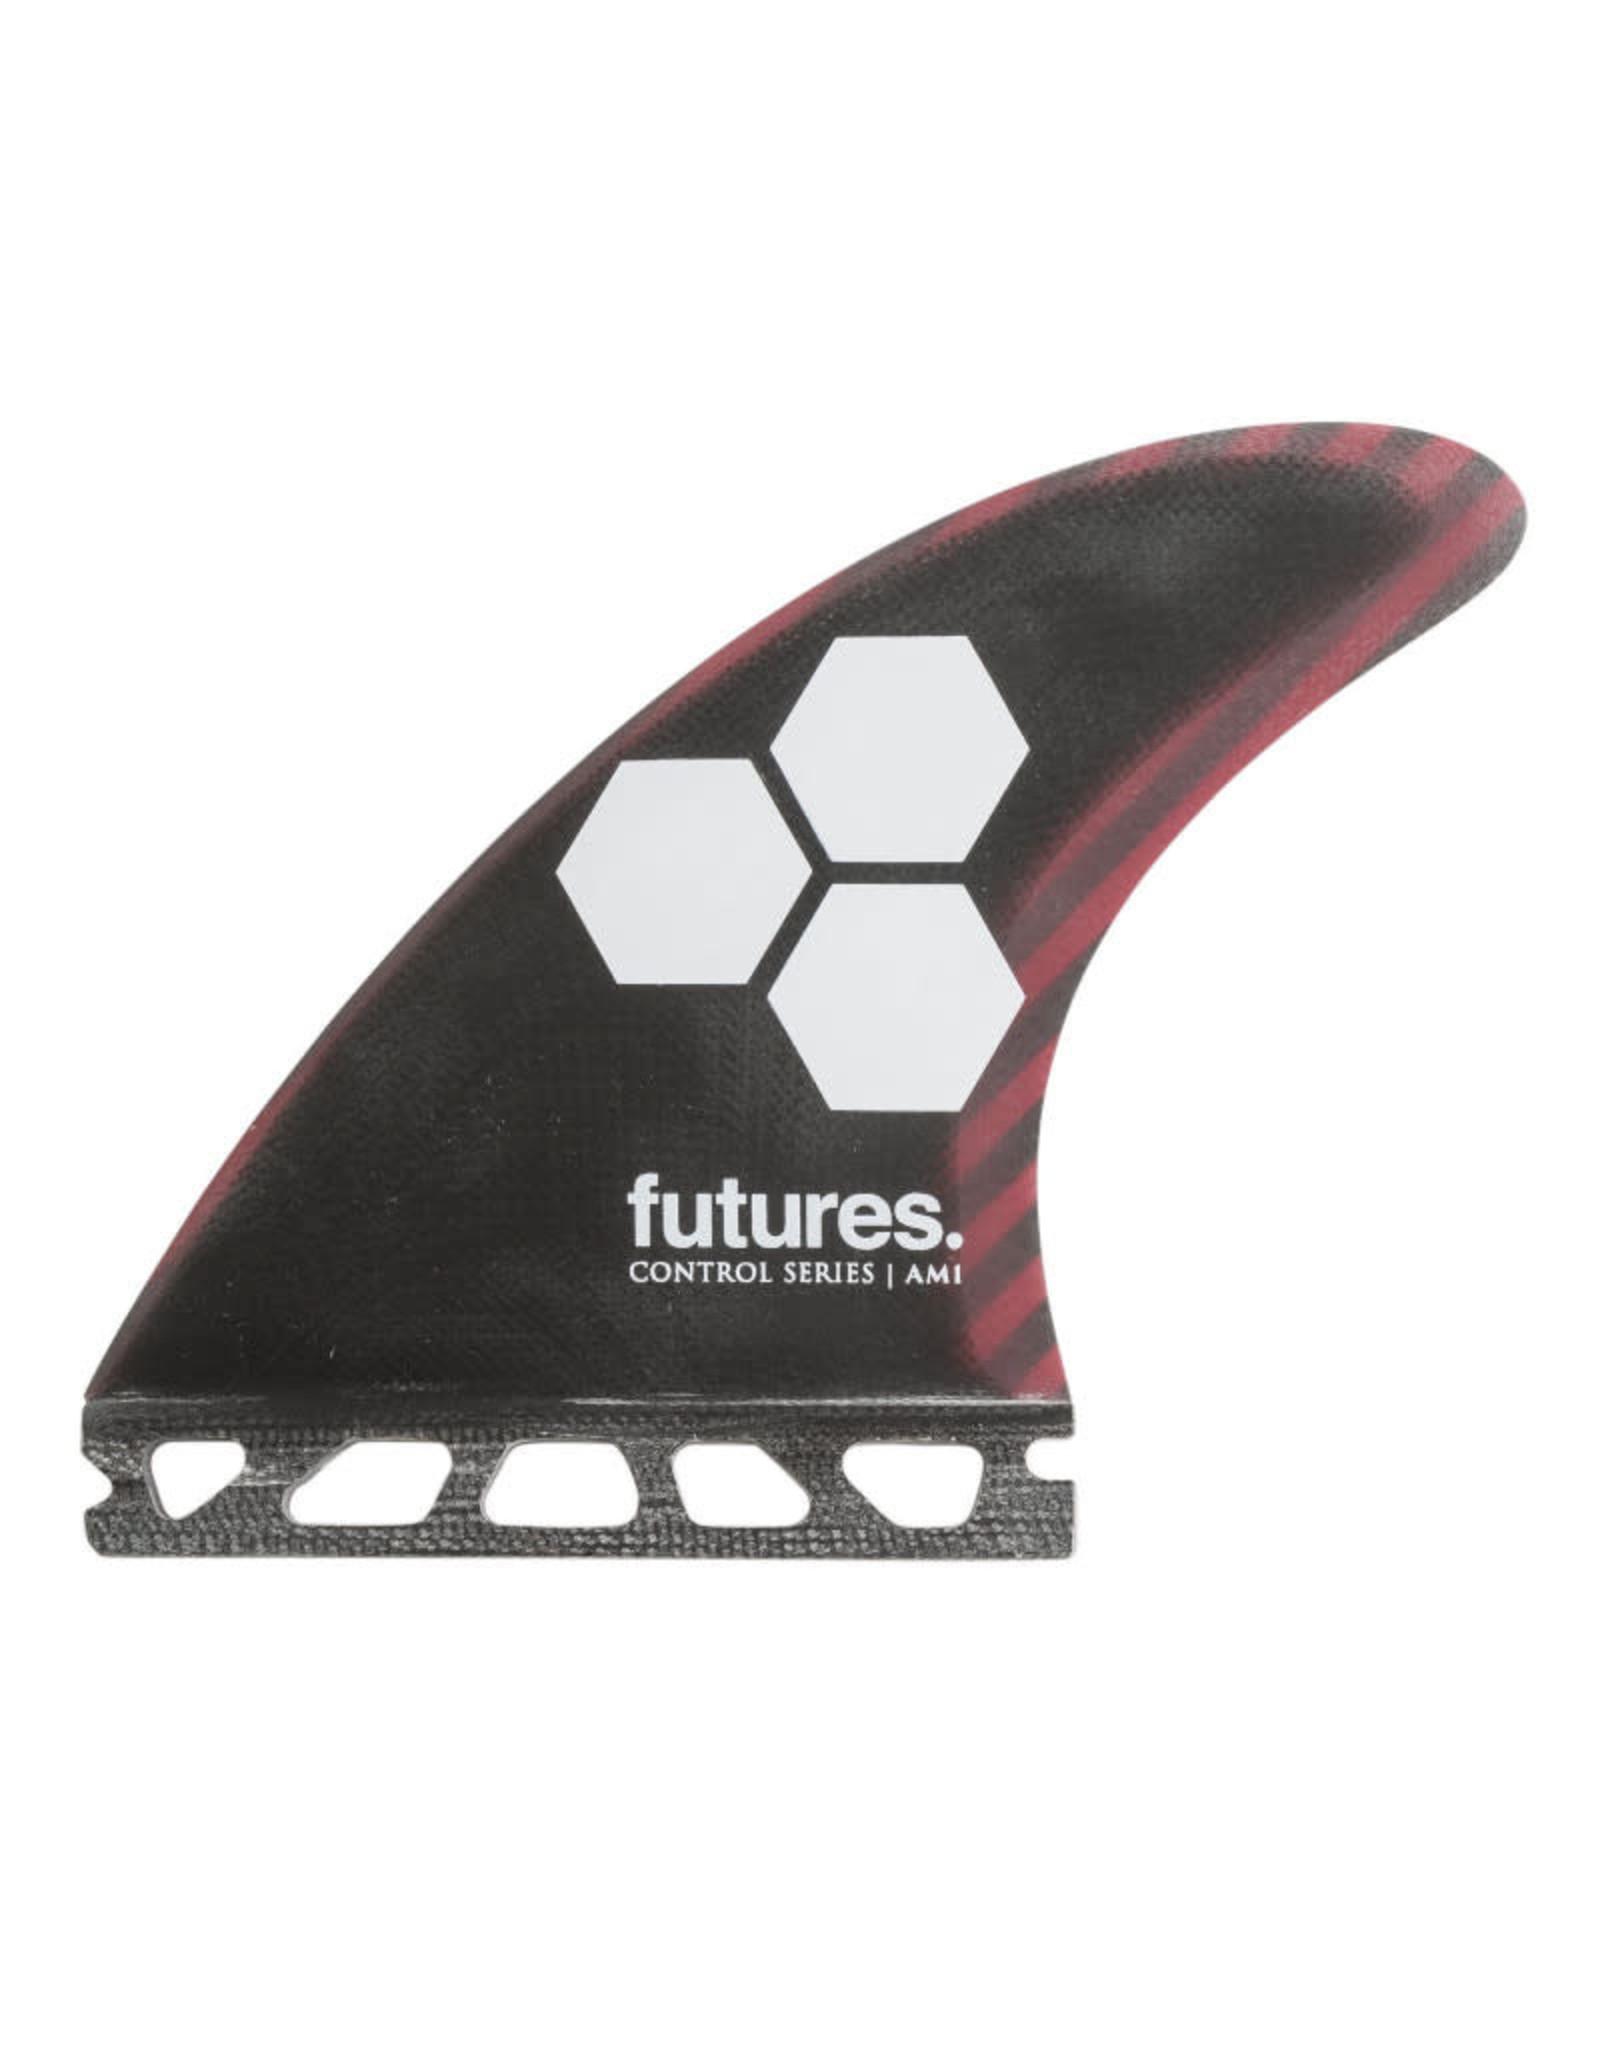 Futures Futures Fin Thruster Set AM1 Al Merrick Control